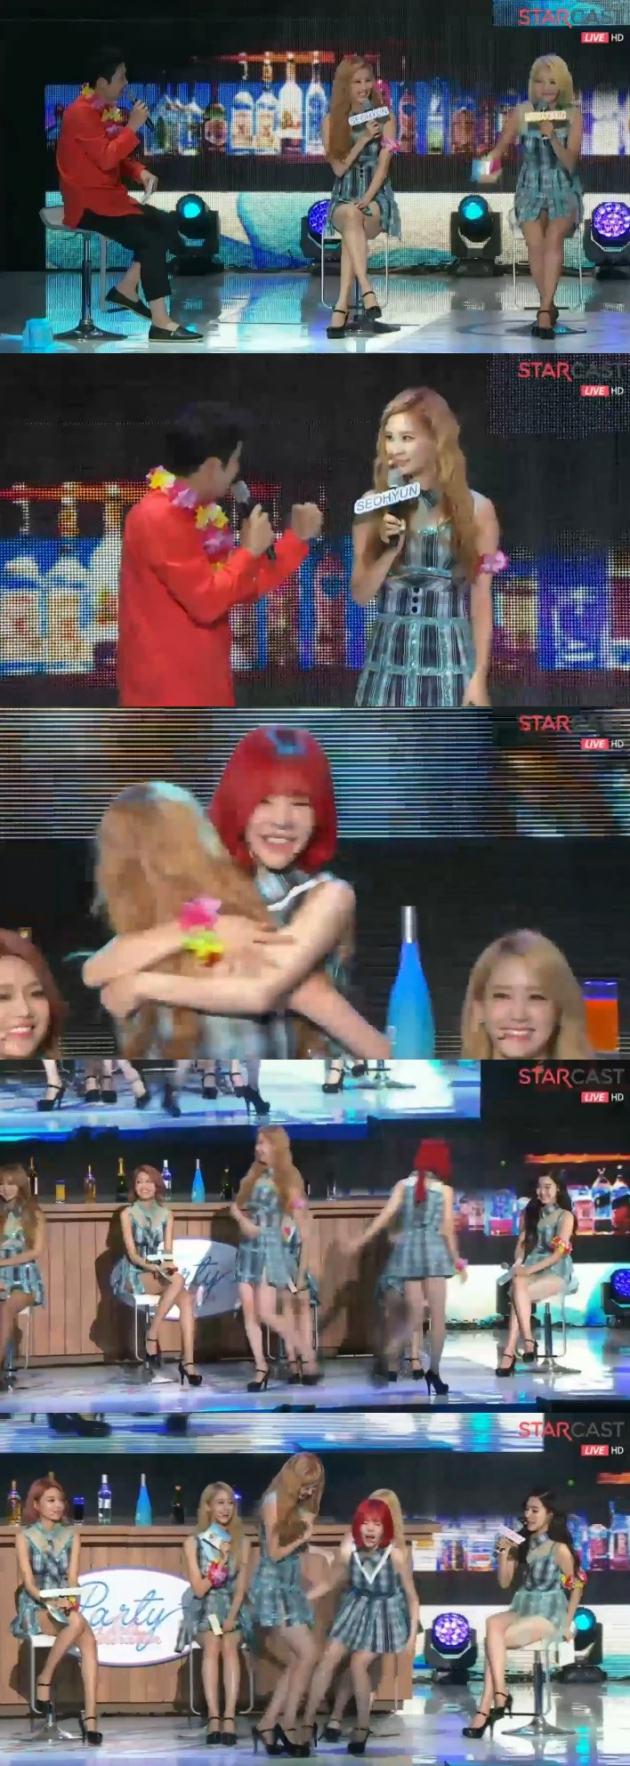 소녀시대 / 소녀시대 사진=소녀시대 파티 생중계 방송 캡처